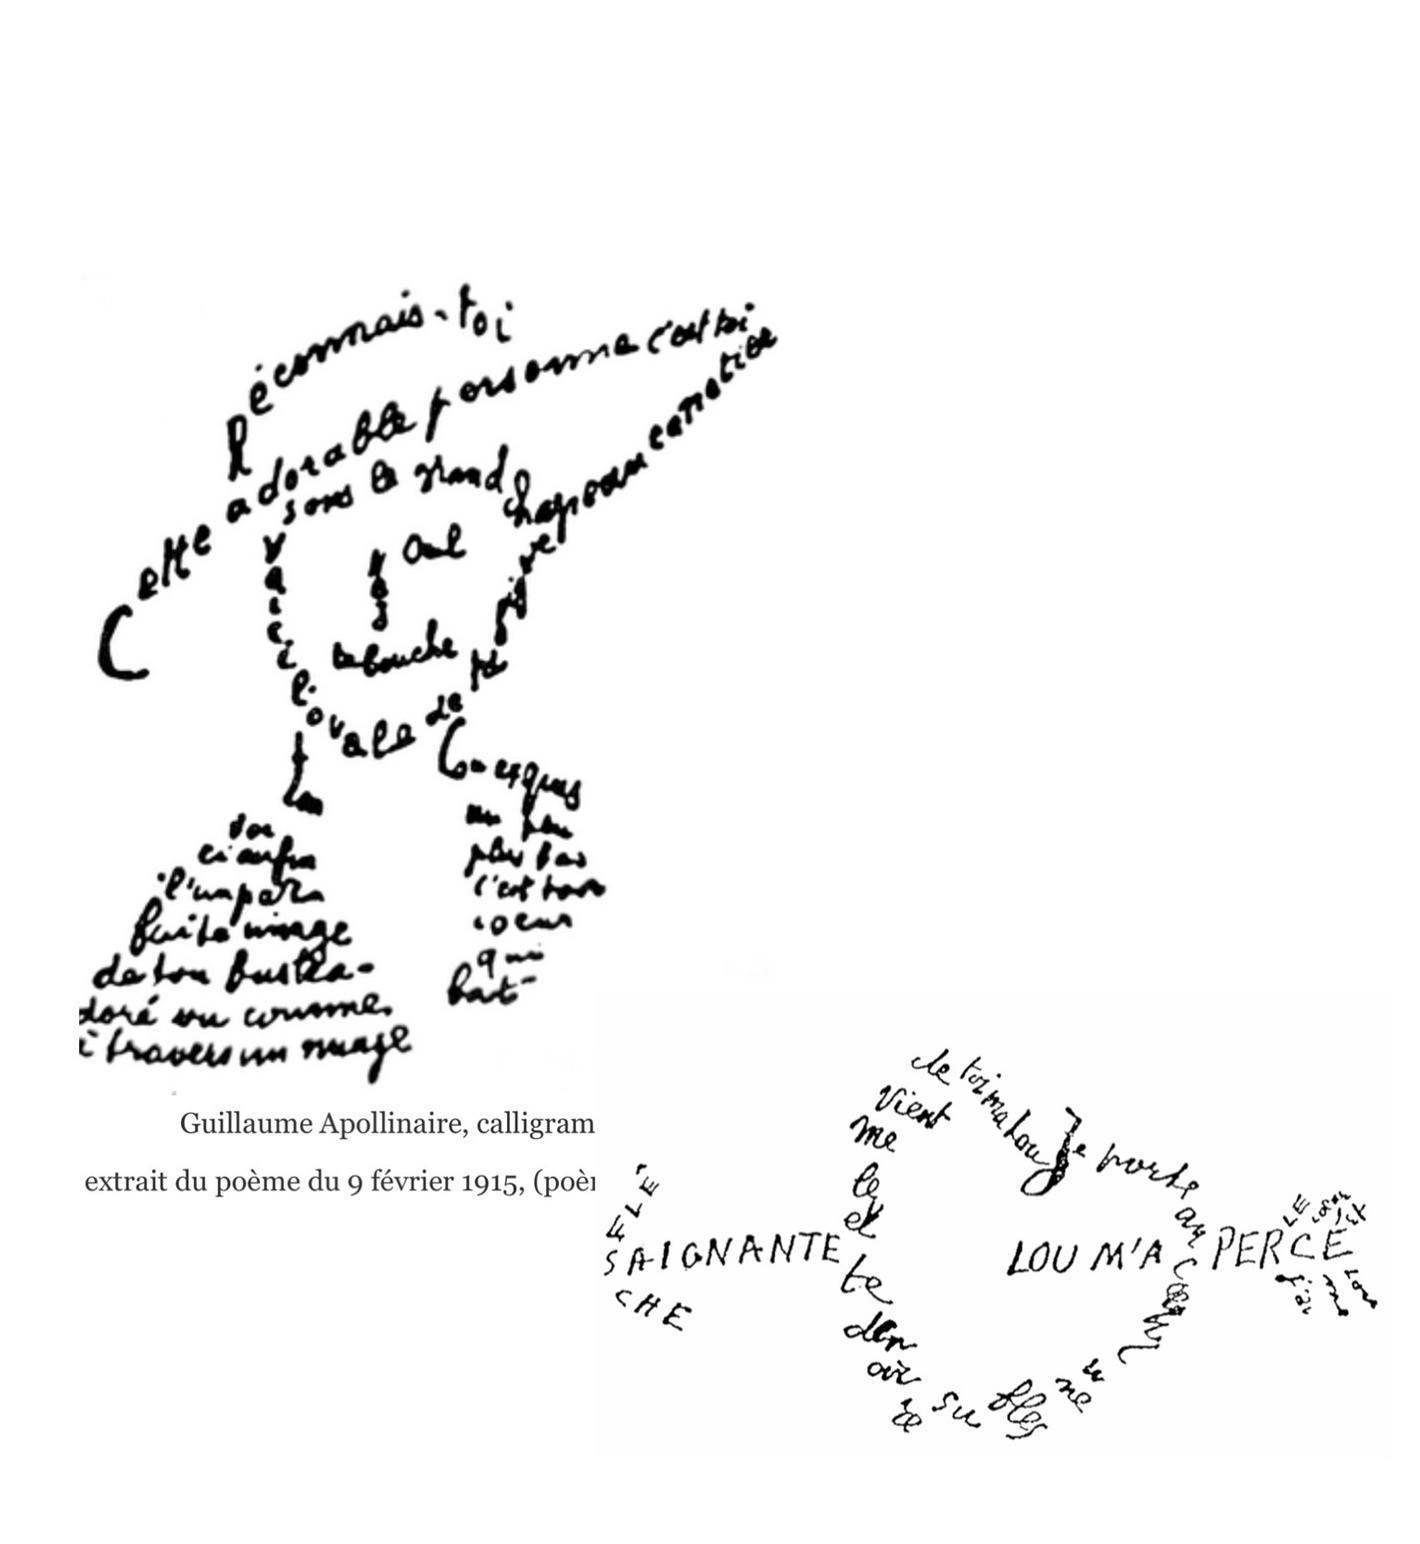 글자가 그림이고 그림이 글자가 되는 아폴리네르의 '캘리그램'.JPG